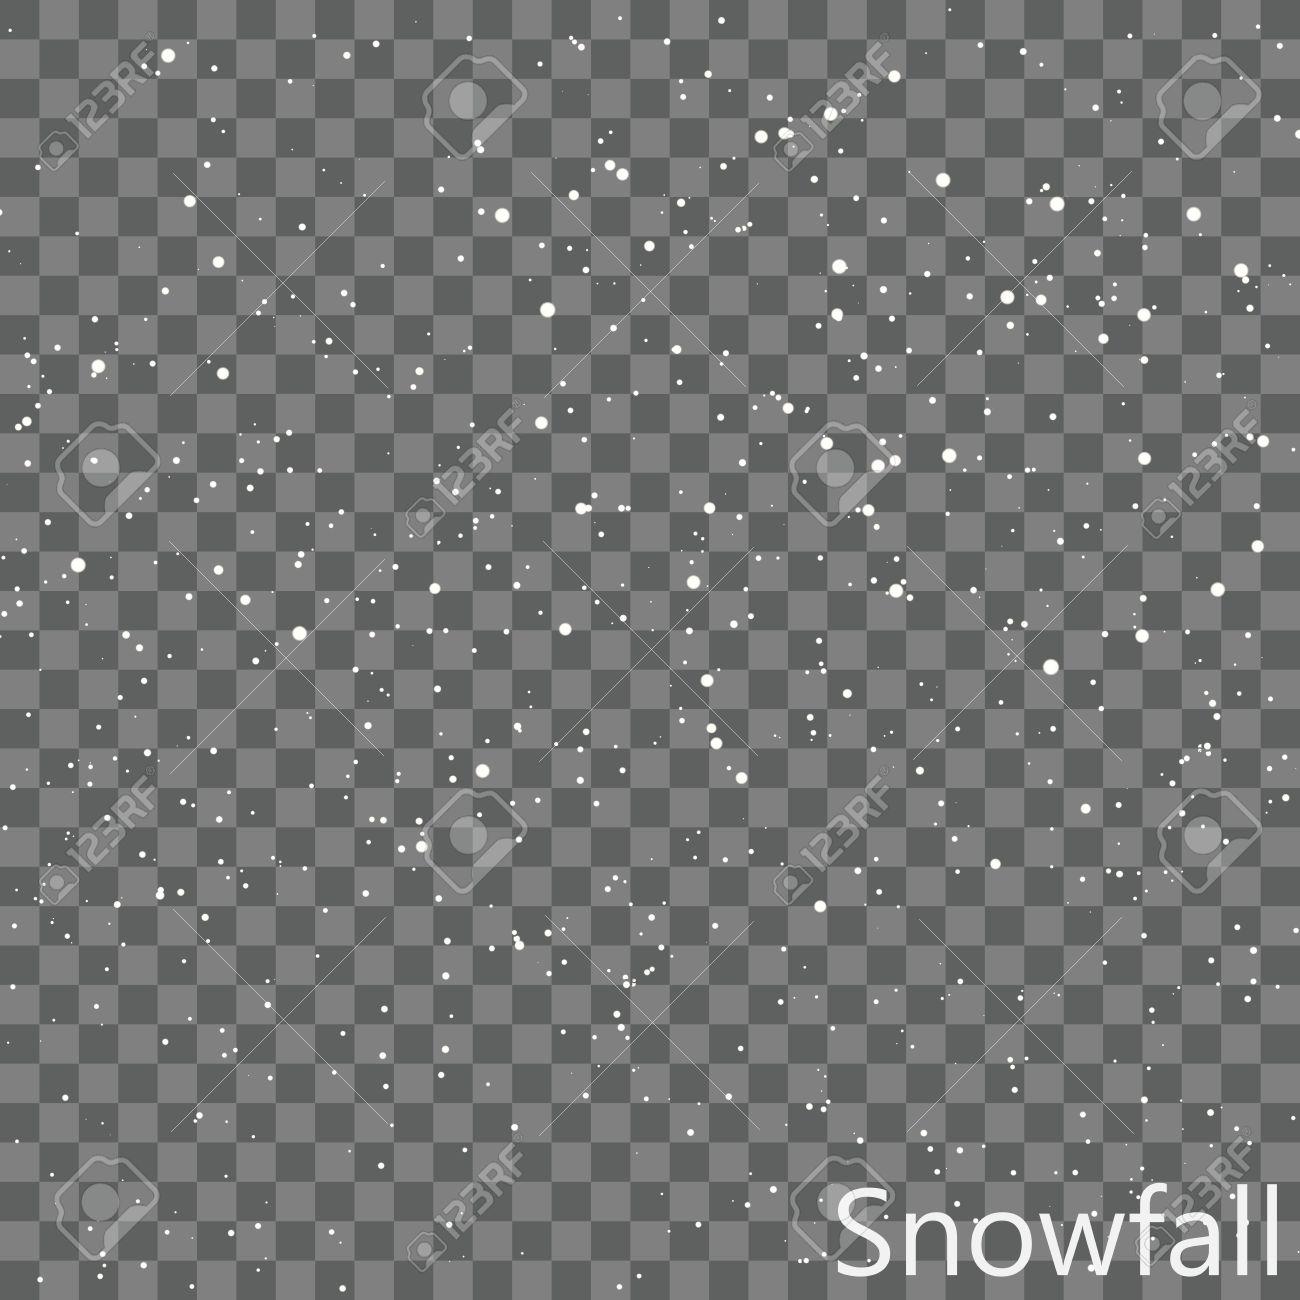 Isolated Snowfall Overlay EPS10 Vector - 51756179